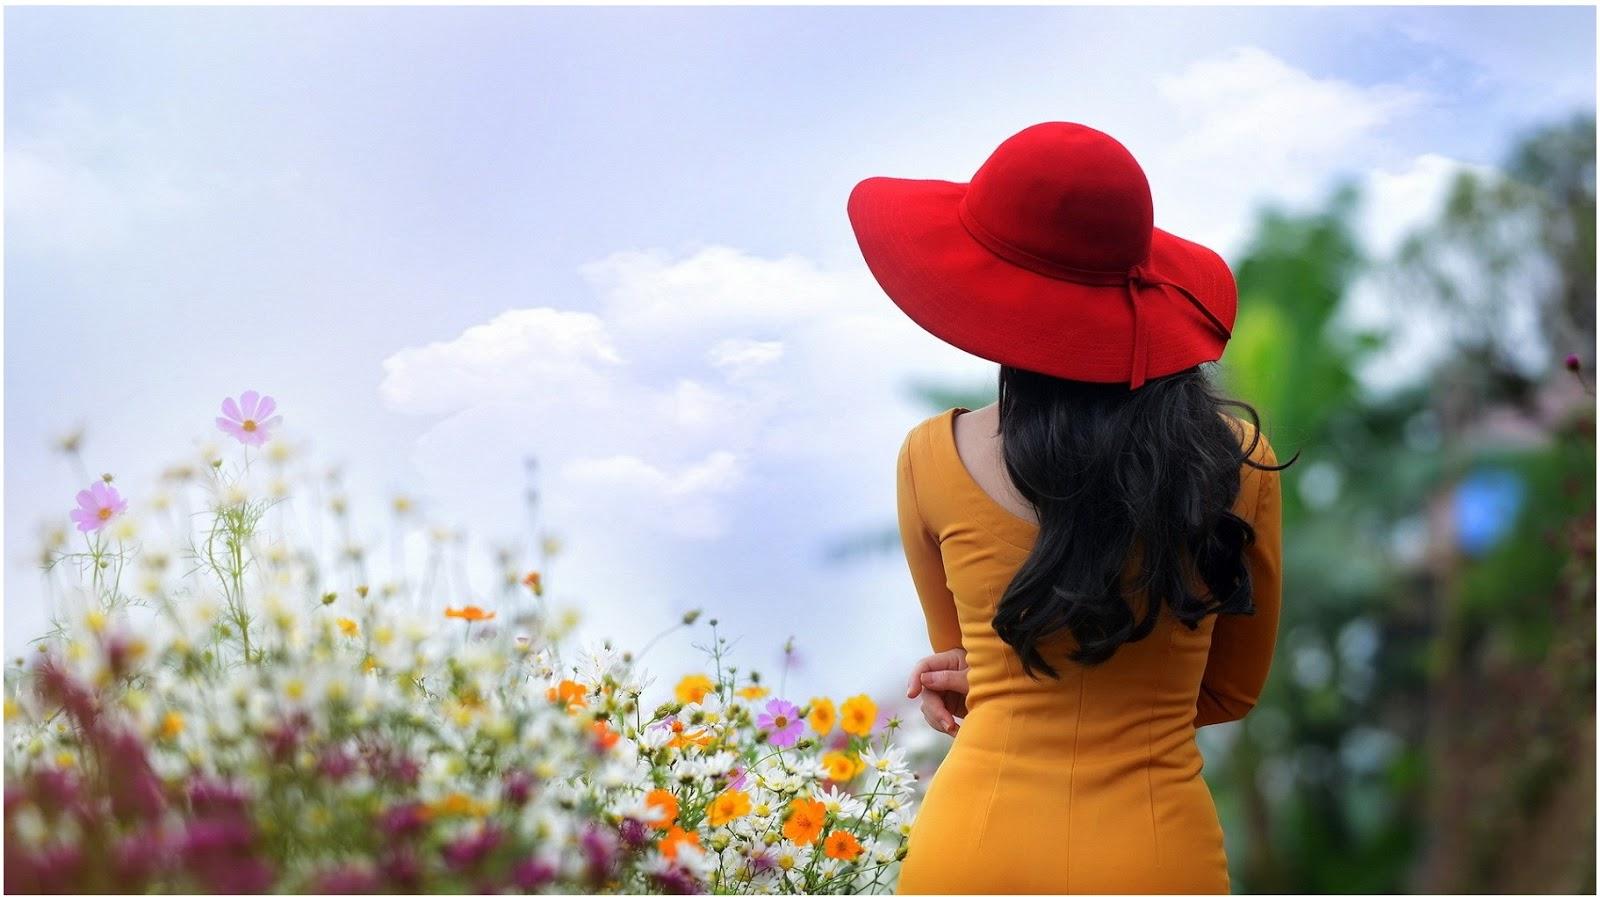 بالصور صور خلفيات جميله , اجمل الخلفيات الرائعه 3266 6